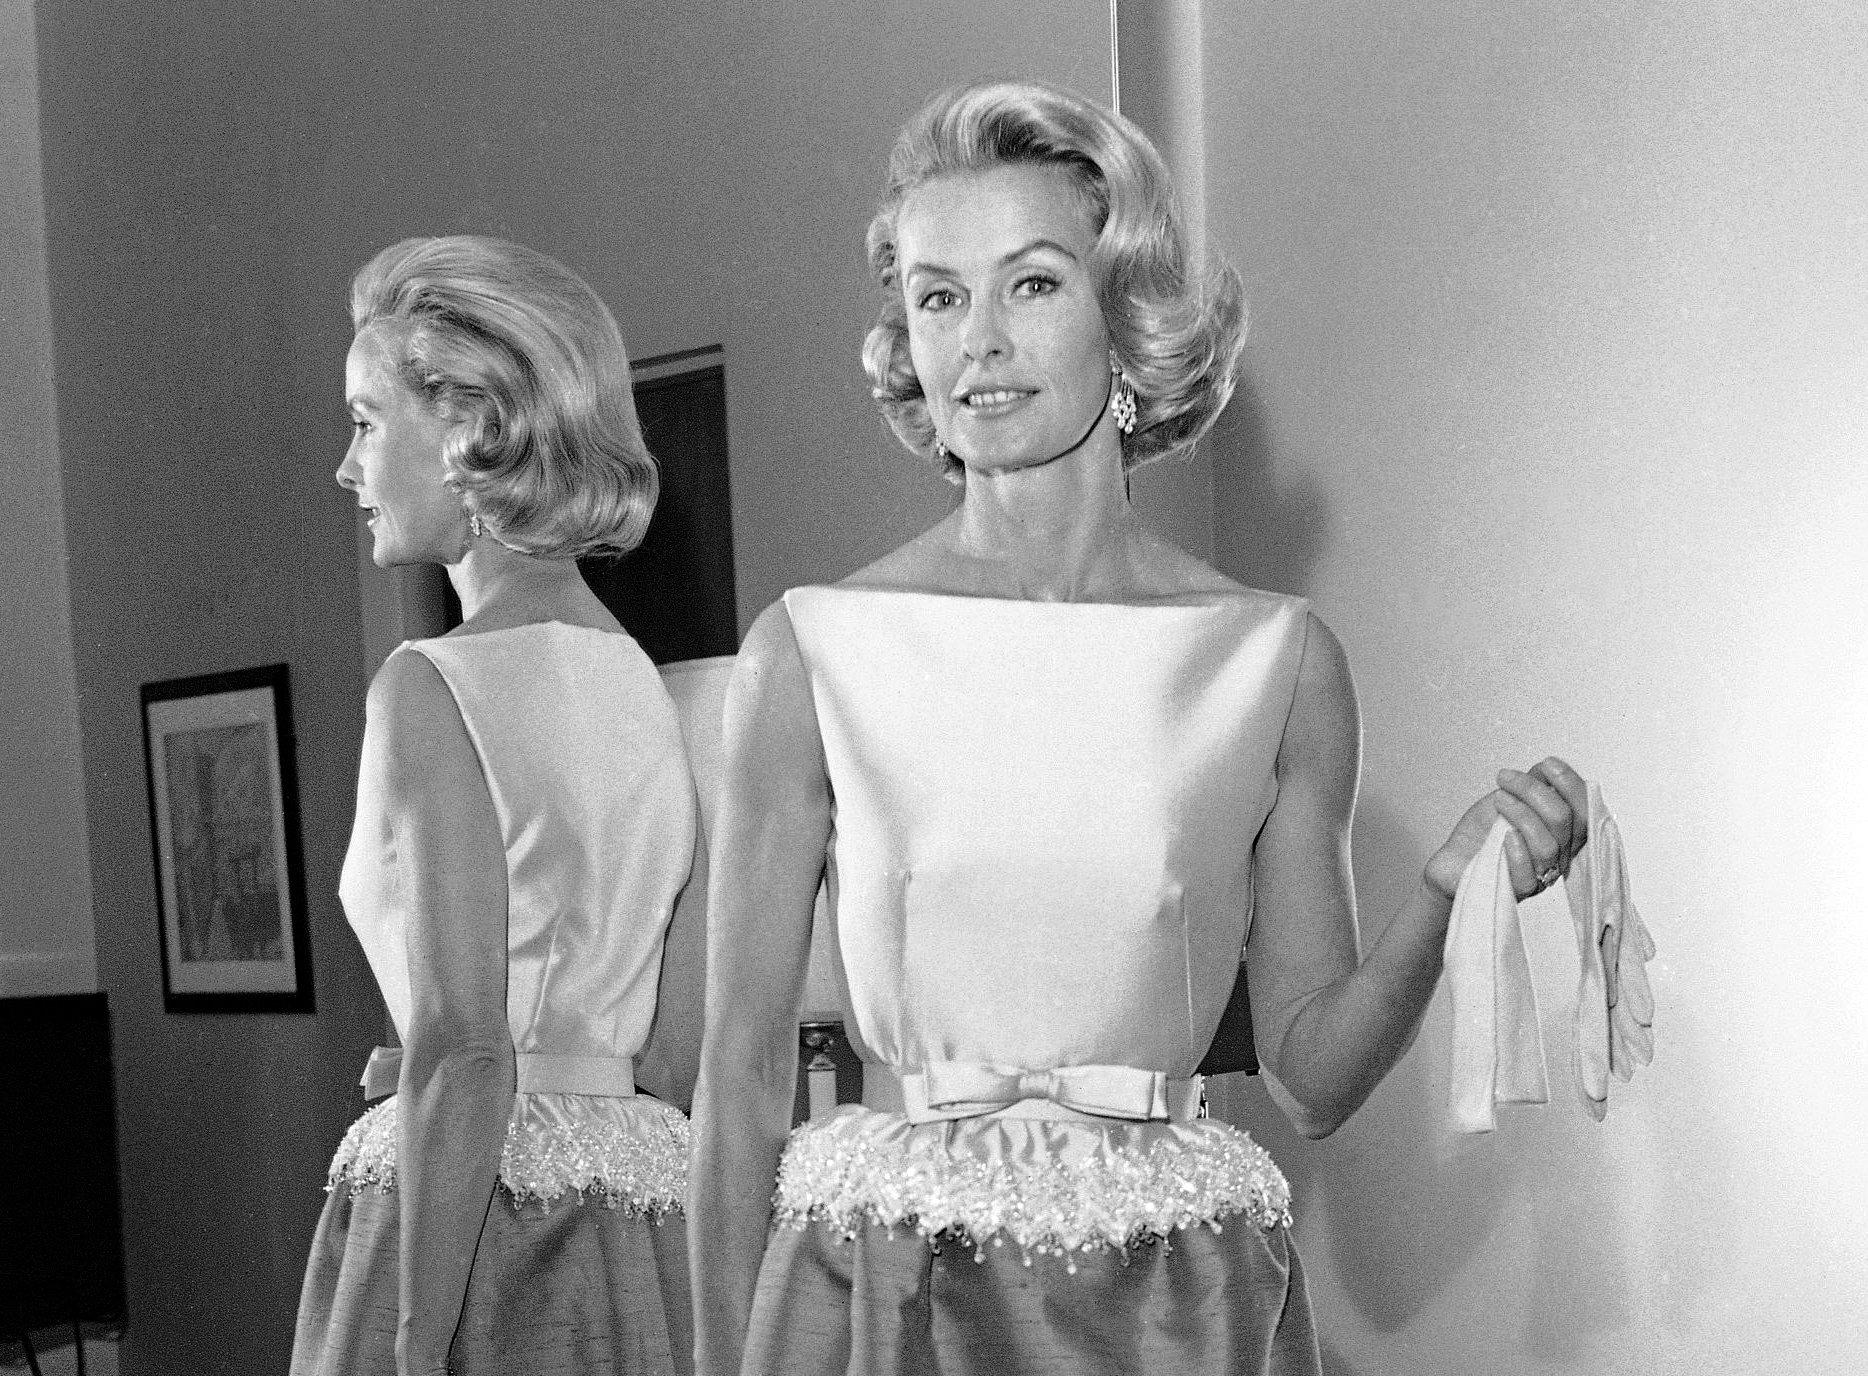 Dina Merrill, heiress and actress